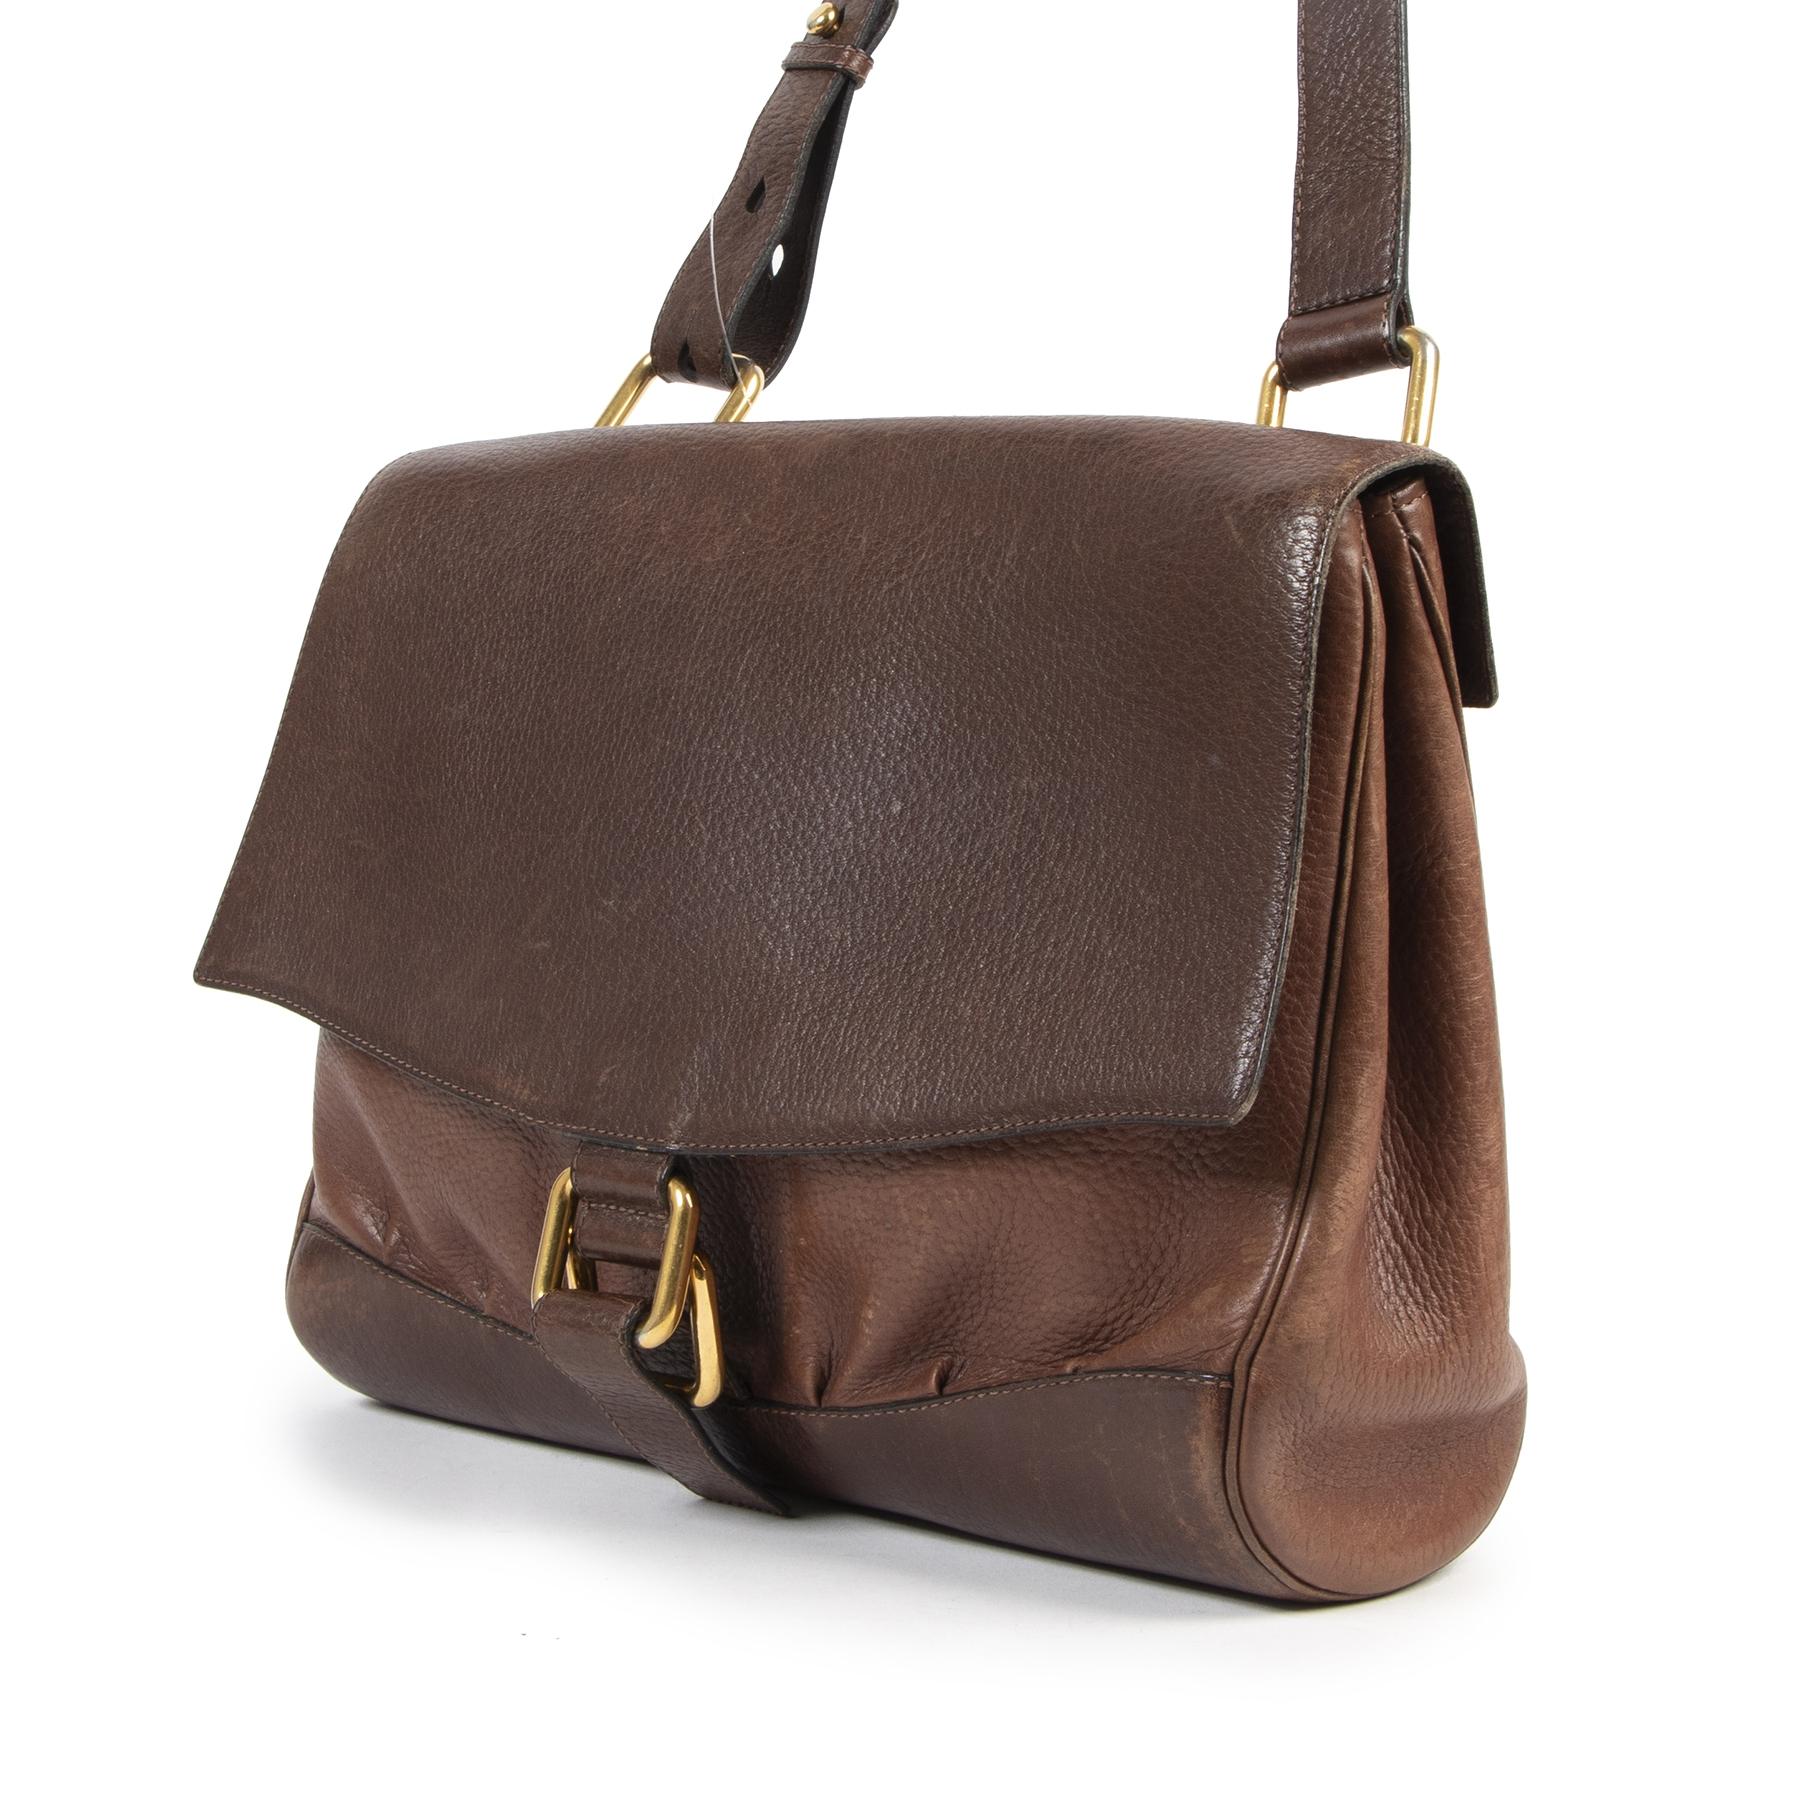 Koop veilig uw authentieke designer Delvaux handtassen aan de beste prijs bij Labellov